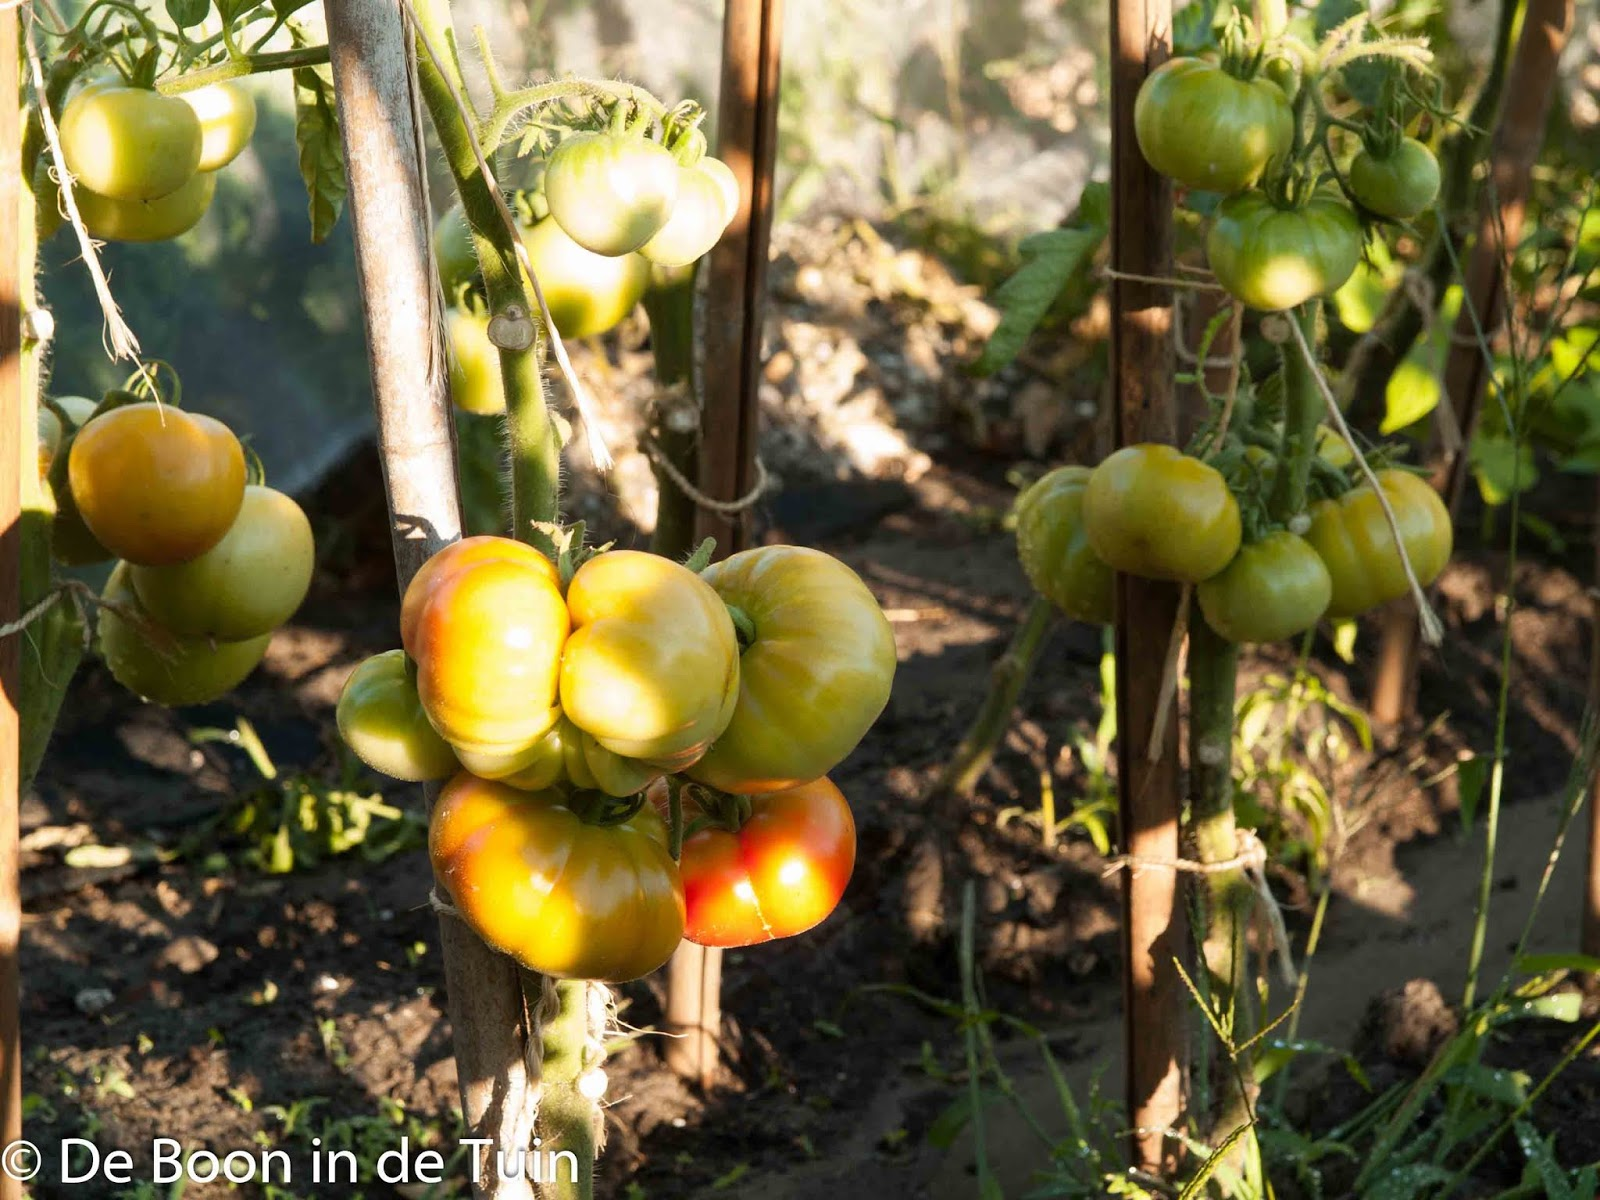 tomaten zomer juli moestuin volkstuin gietgoot gieten stokken tonkin